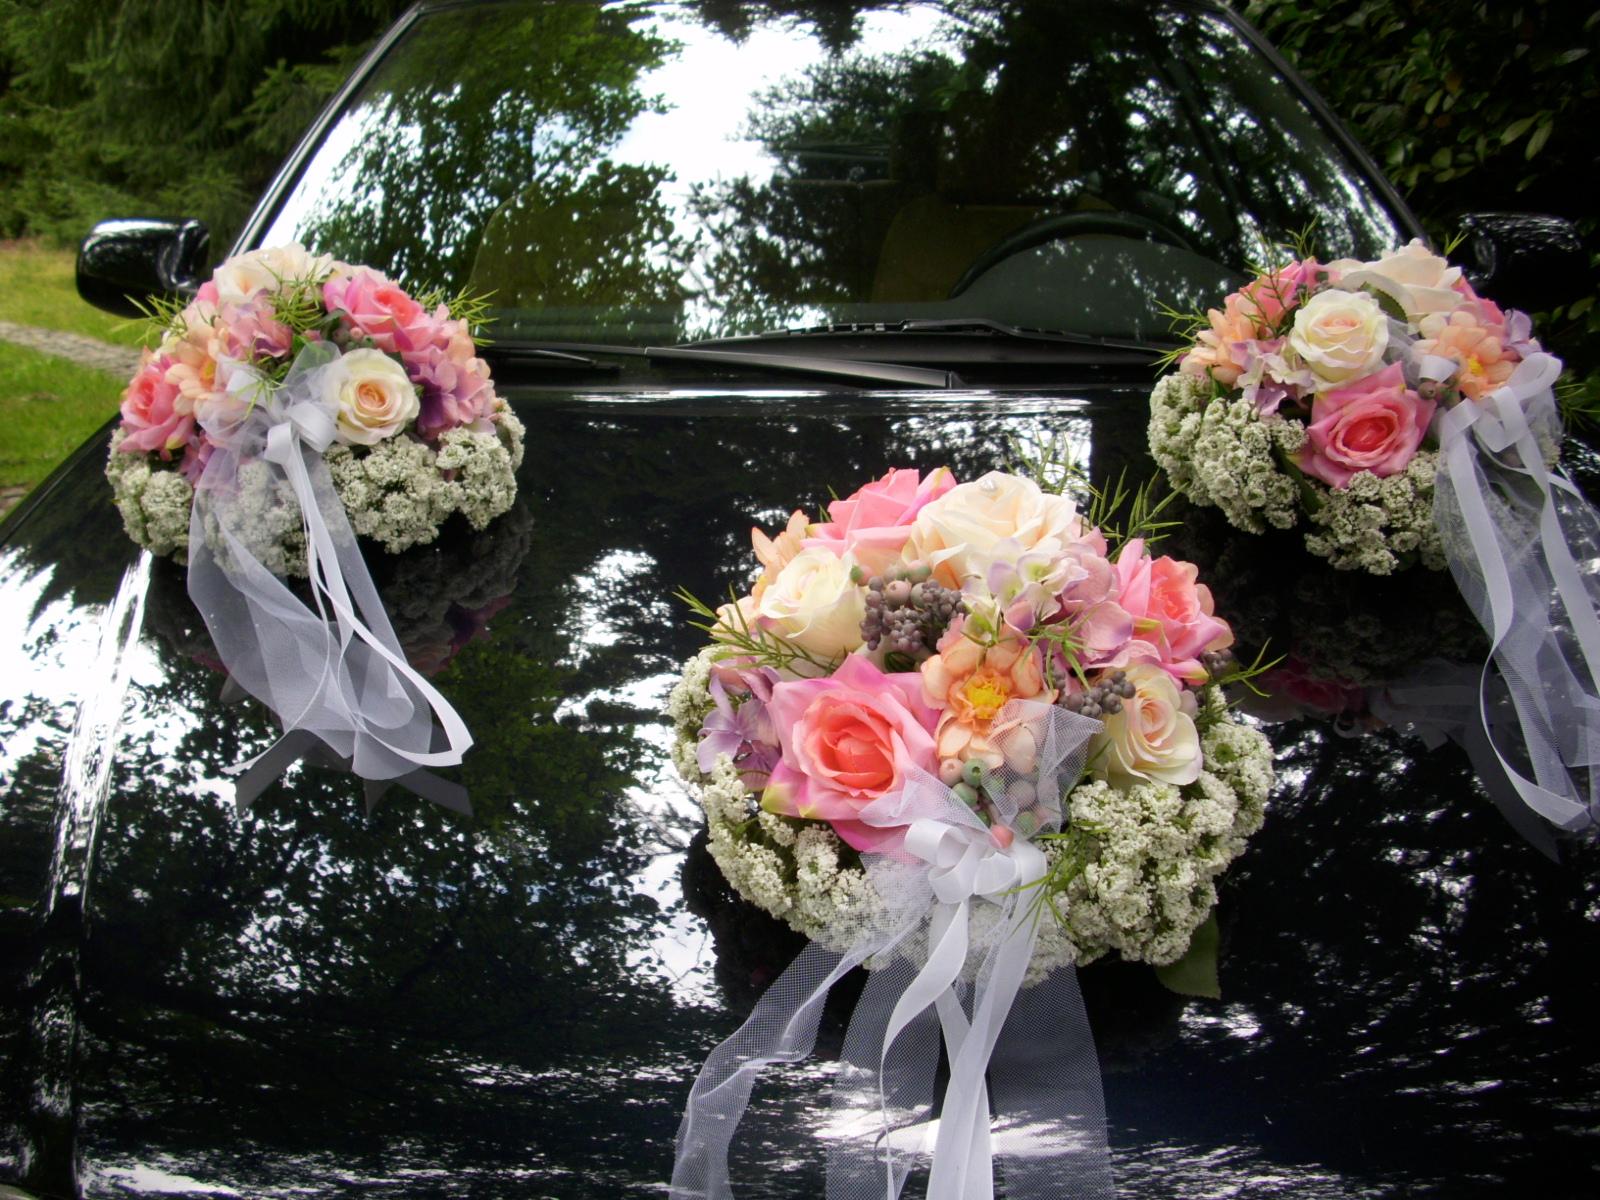 Vakuumsauger Saugnapf Auto Hochzeitsauto Blumen Gesteck Halter